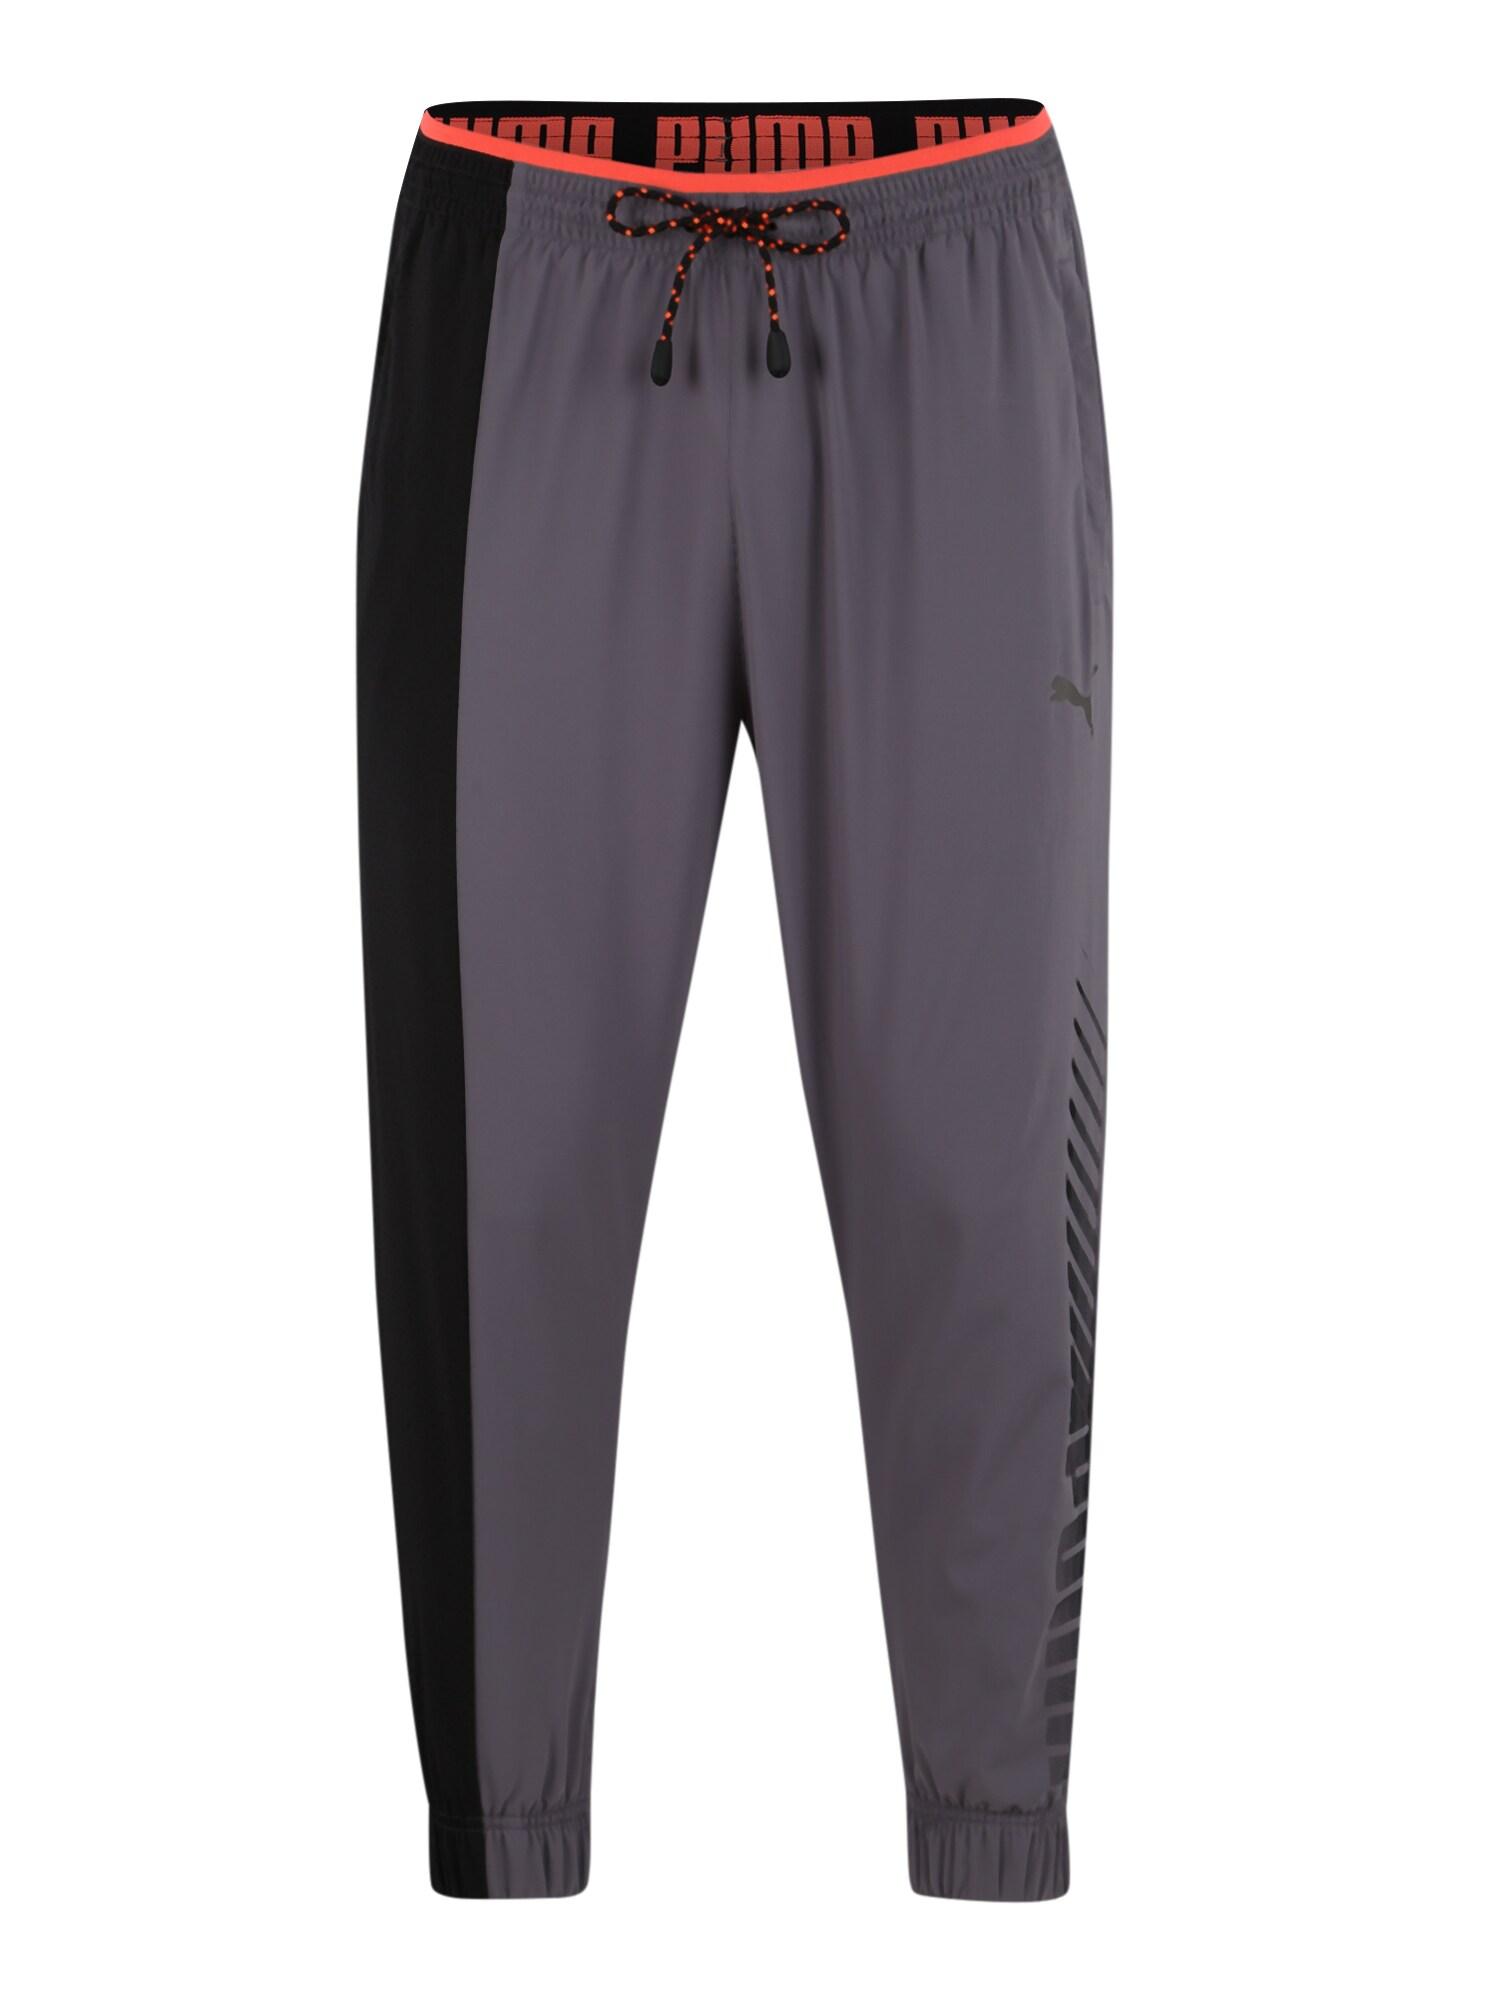 Sportovní kalhoty Collective šedá PUMA